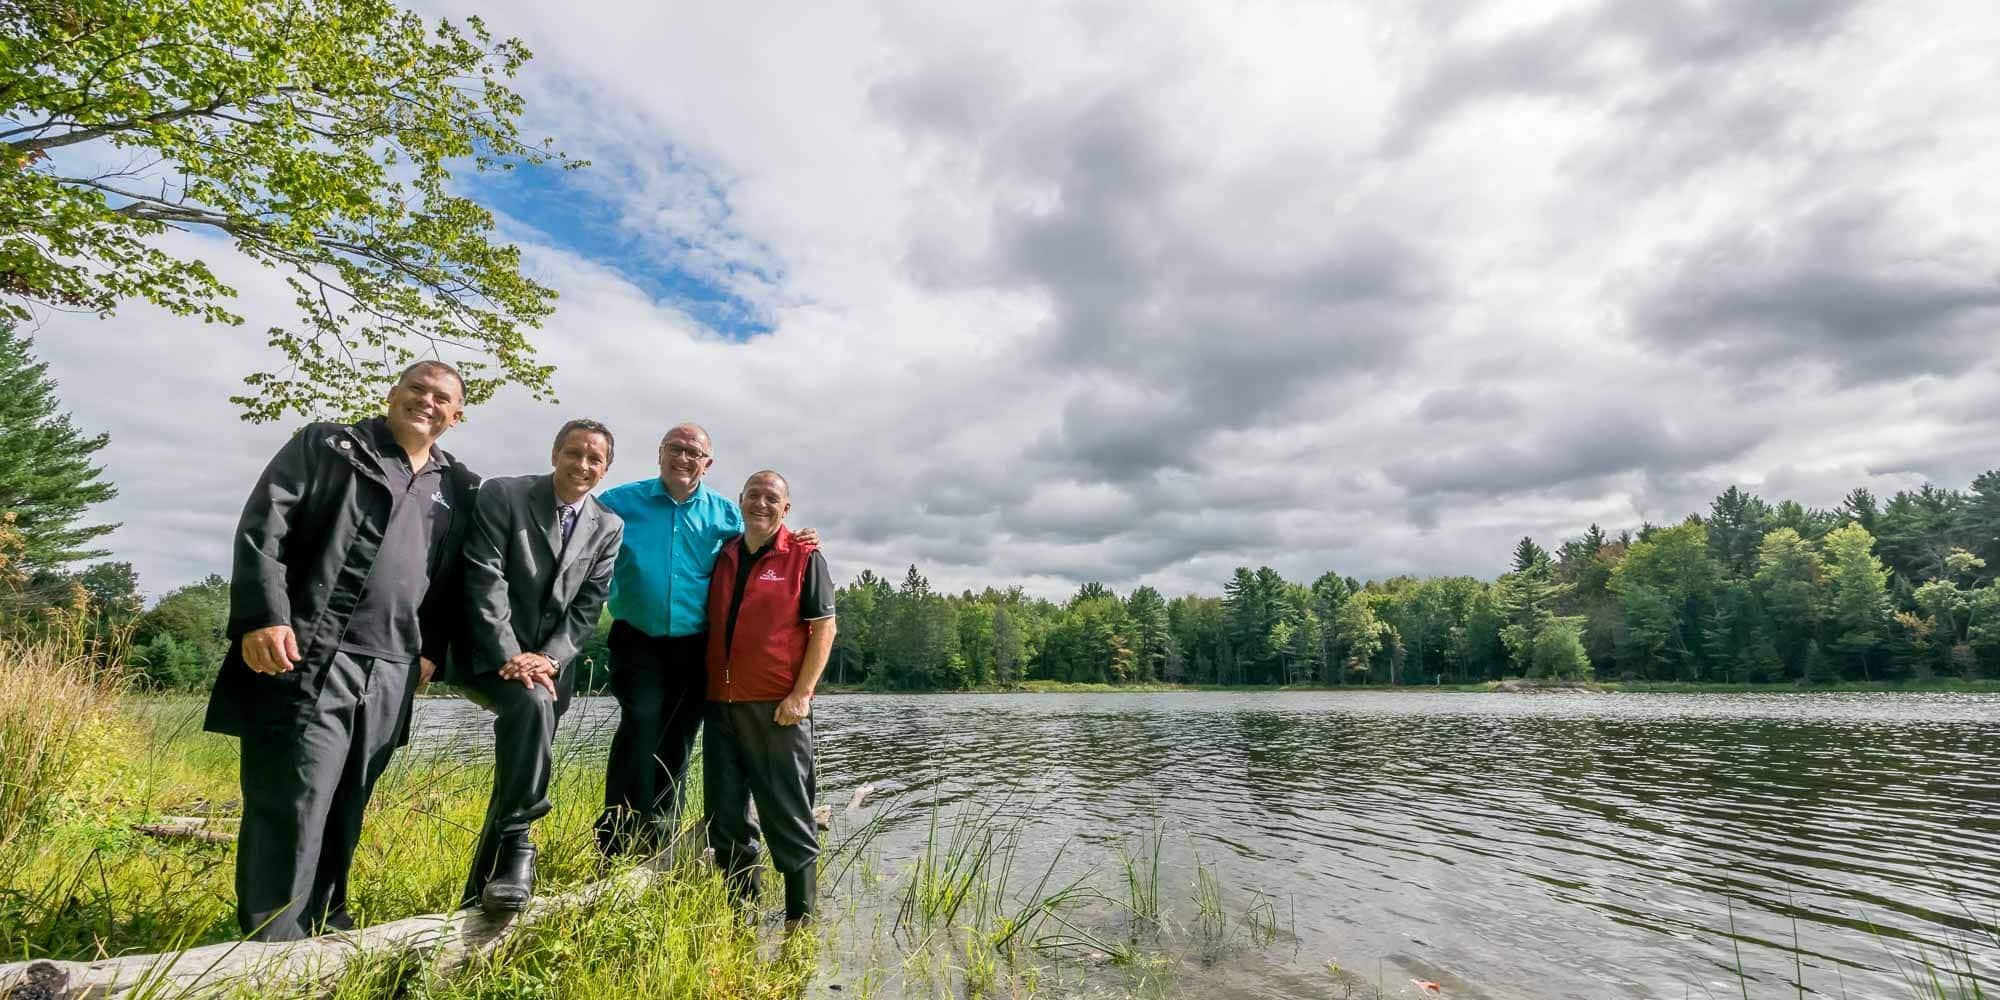 Les élus de Saint-Jérôme impliqués dans le dossier du parc-nature: François Poirier, de l'urbanisme, le maire Stéphane Maher, Mario Fauteux de l'environnement et Marc Bourcier, des sports, au bord du lac Jérôme, le 14 septembre 2015.